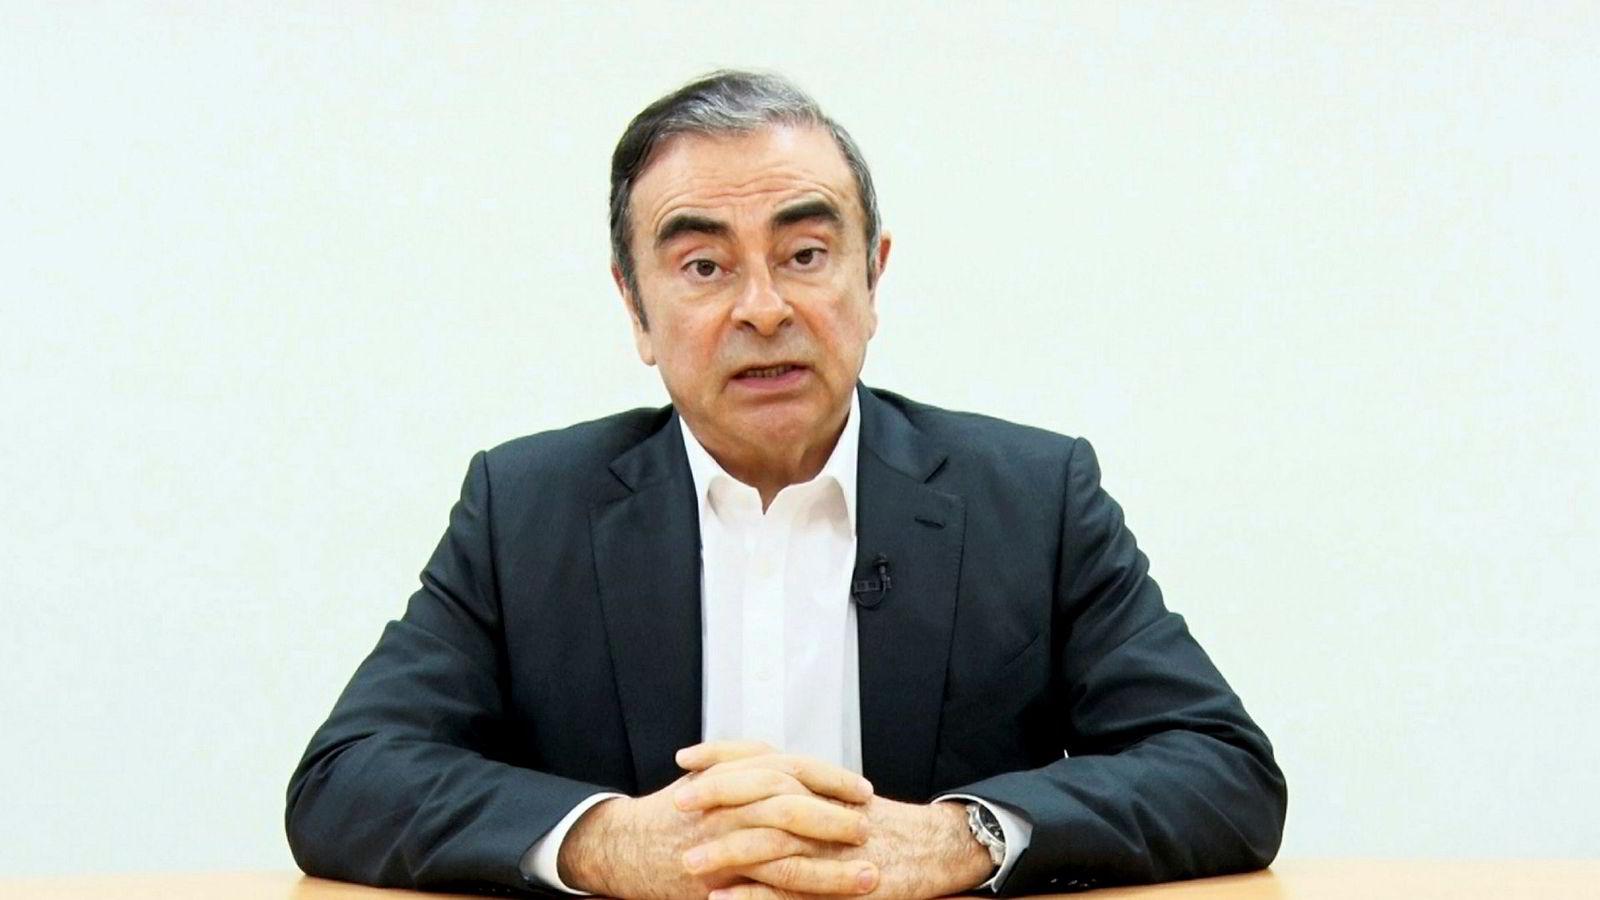 Videoen av Carlos Ghosn skal være spilt inn kort tid før Ghosn ble pågrepet på nytt av påtalemyndigheten i Tokyo 4. april.